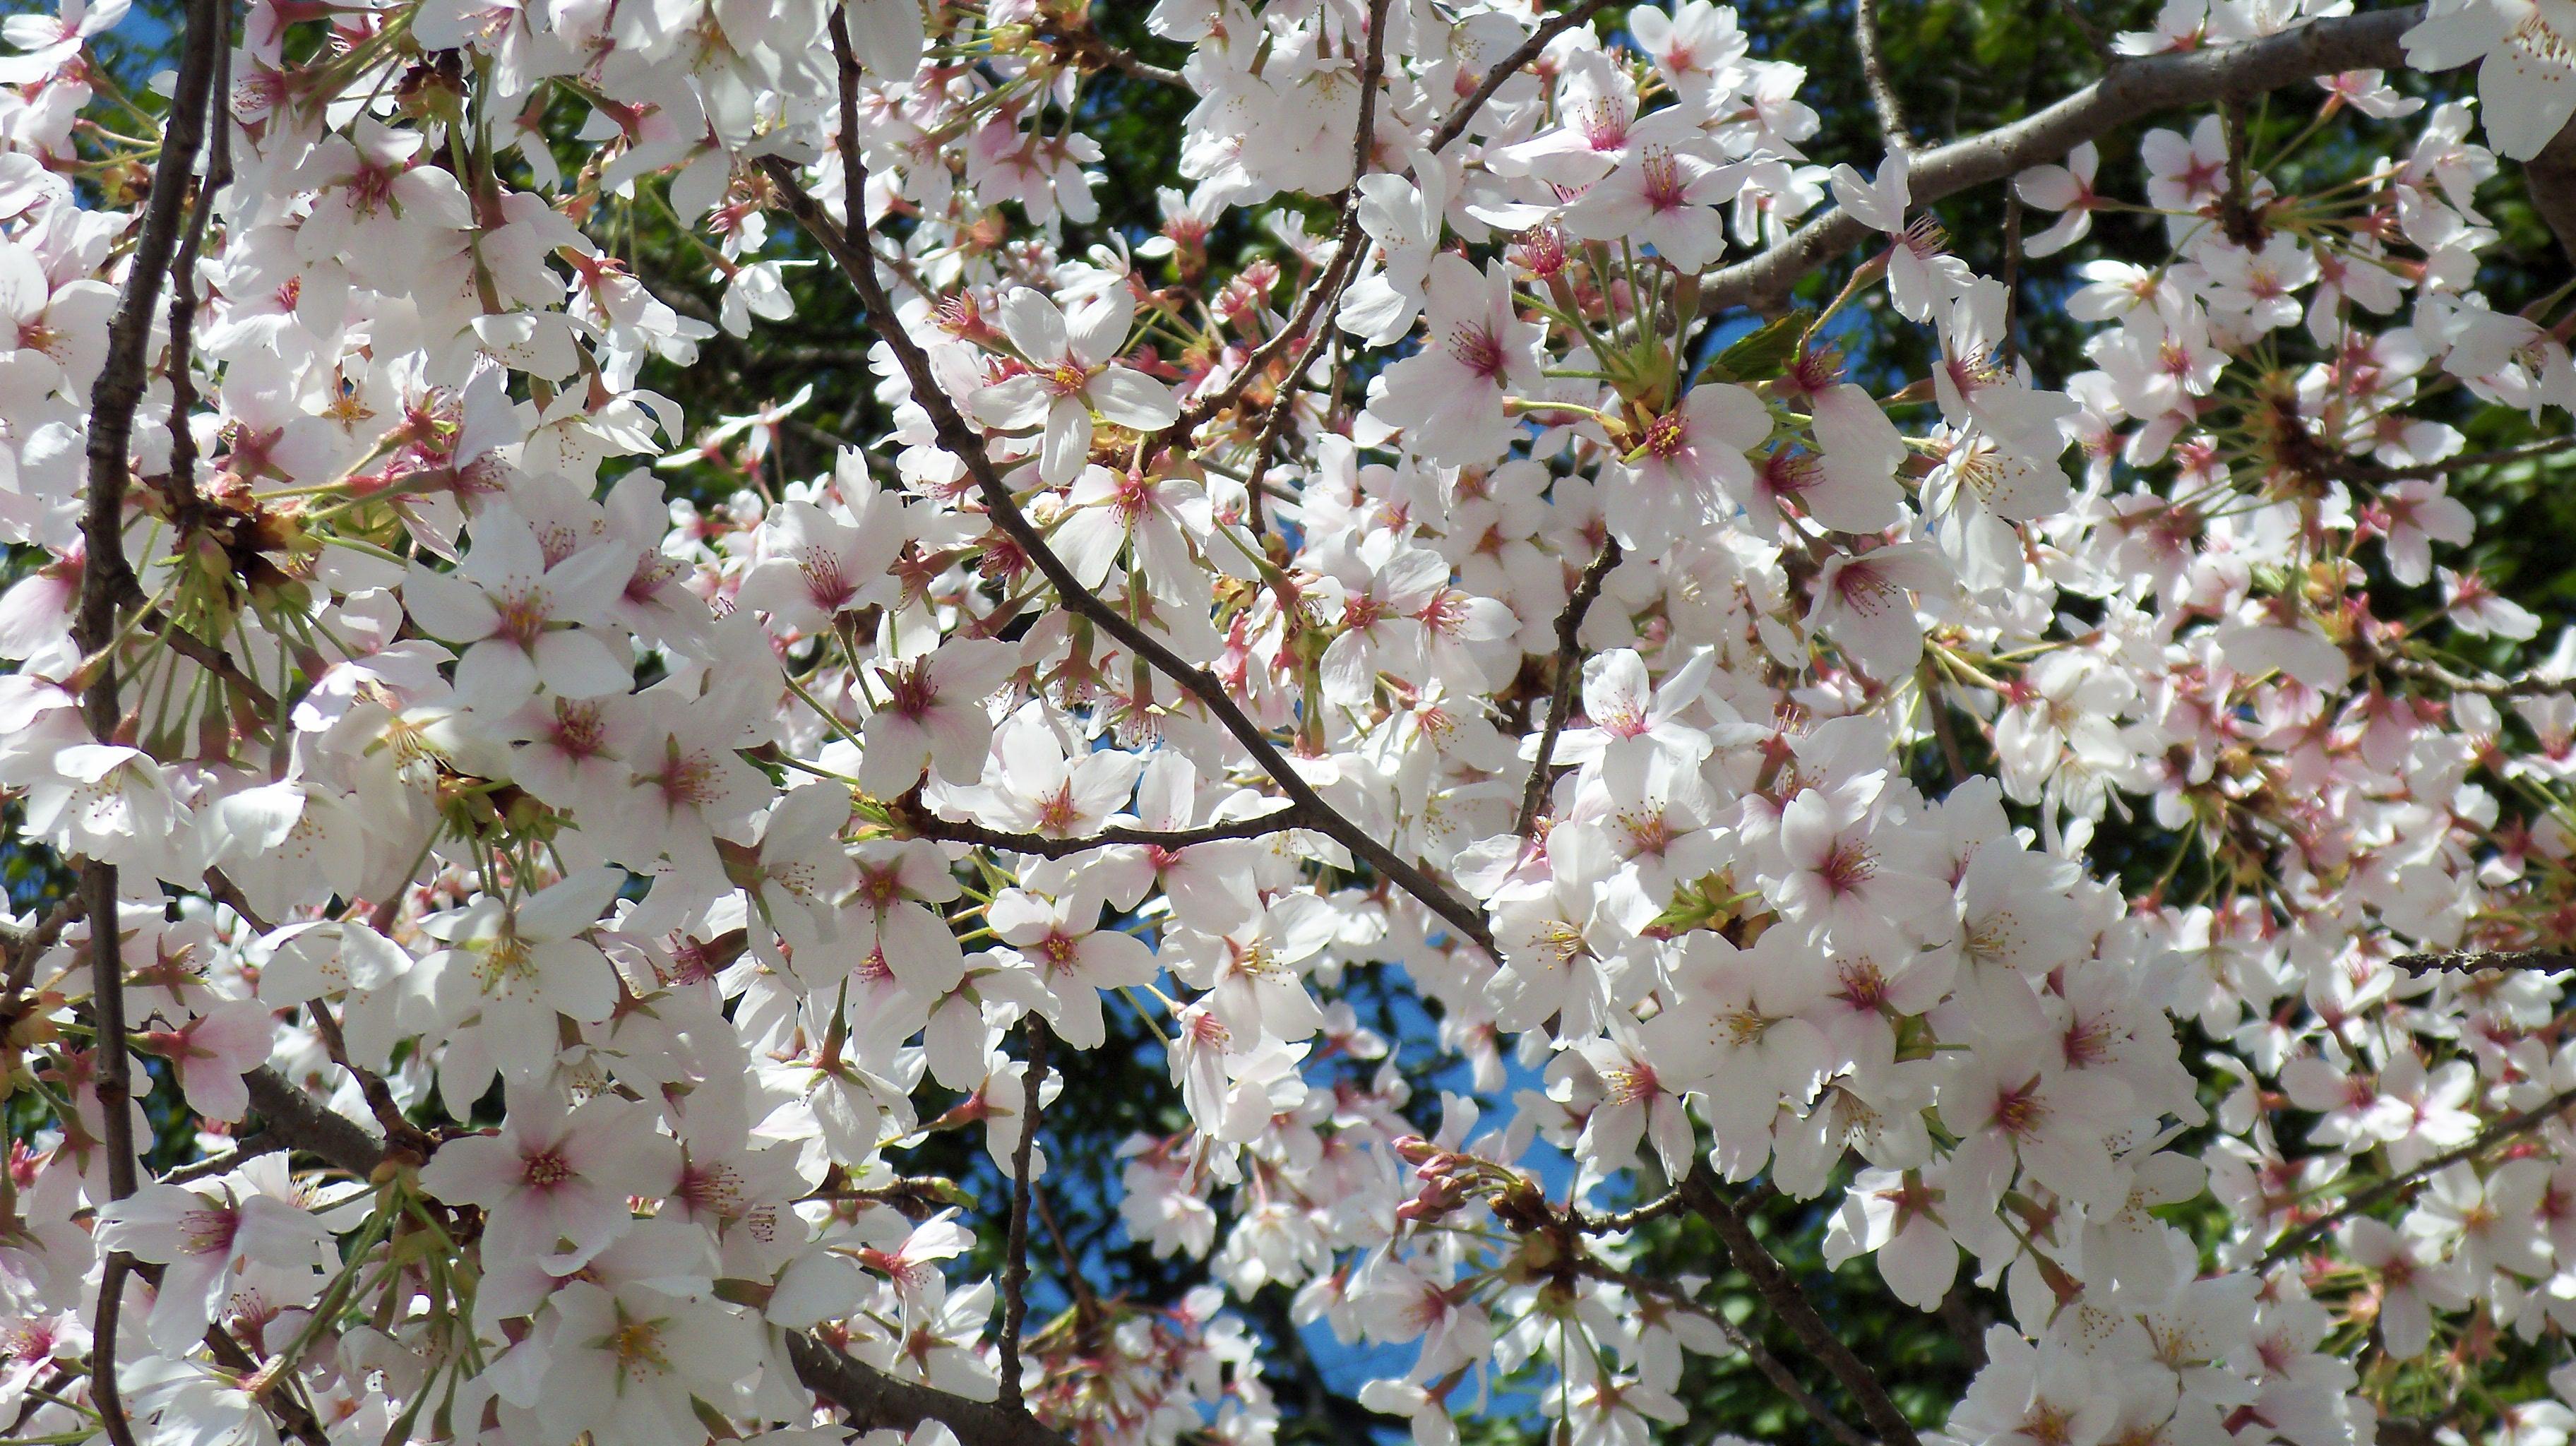 washington quand les cerisiers sont blancs la vie tout simplement. Black Bedroom Furniture Sets. Home Design Ideas